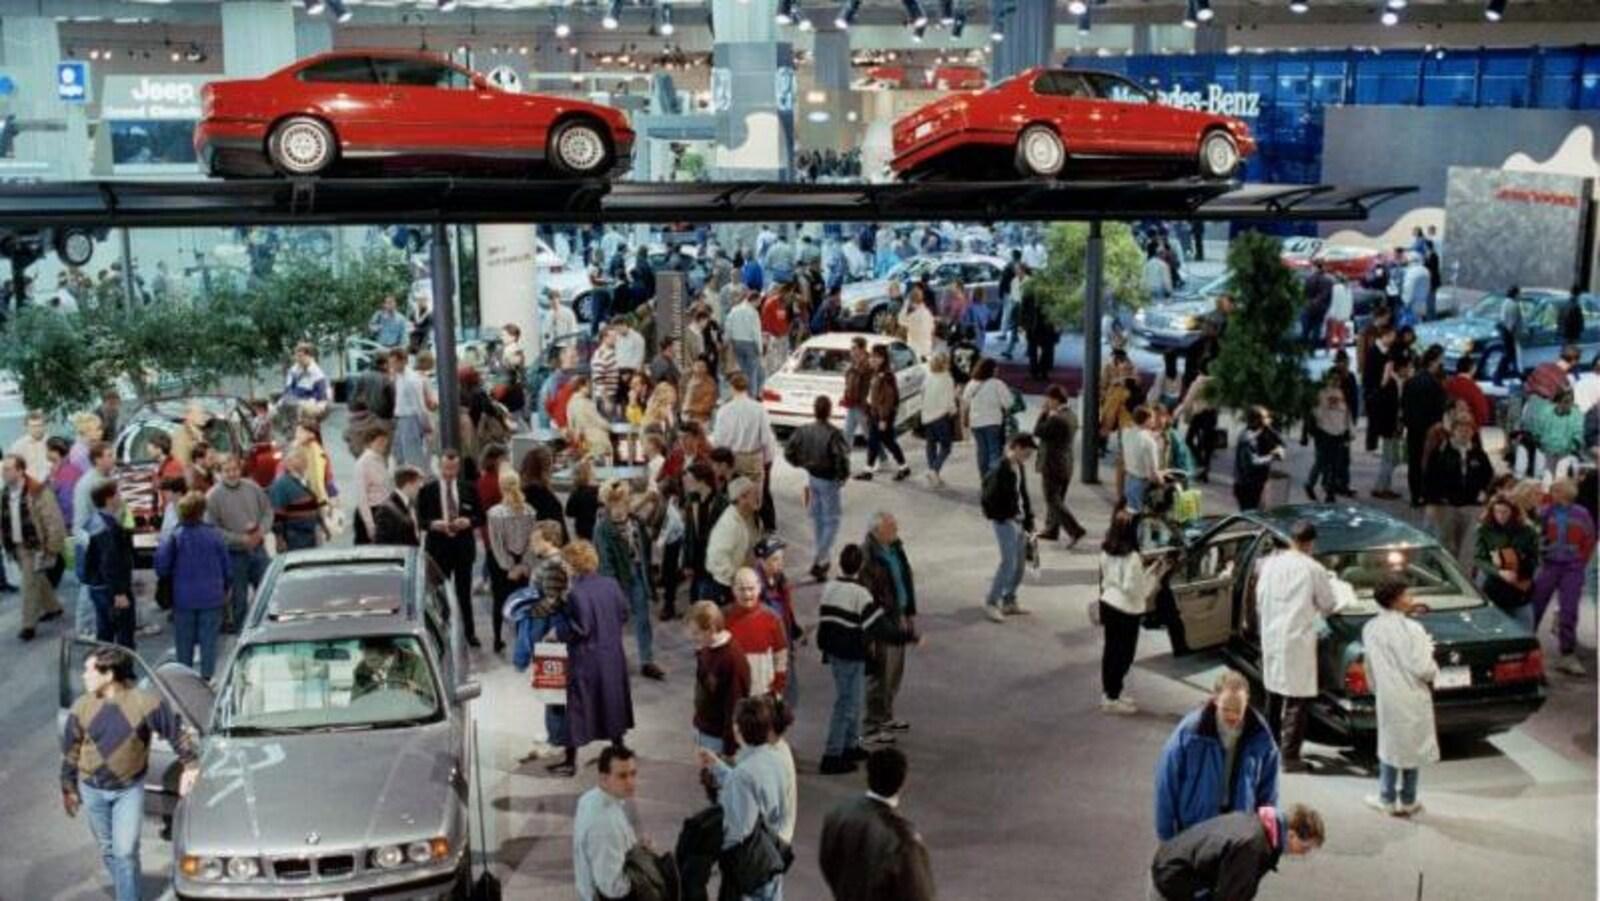 Une centaine de personnes qui regardent des autos de marque BMW au Salon de l'auto de Détroit